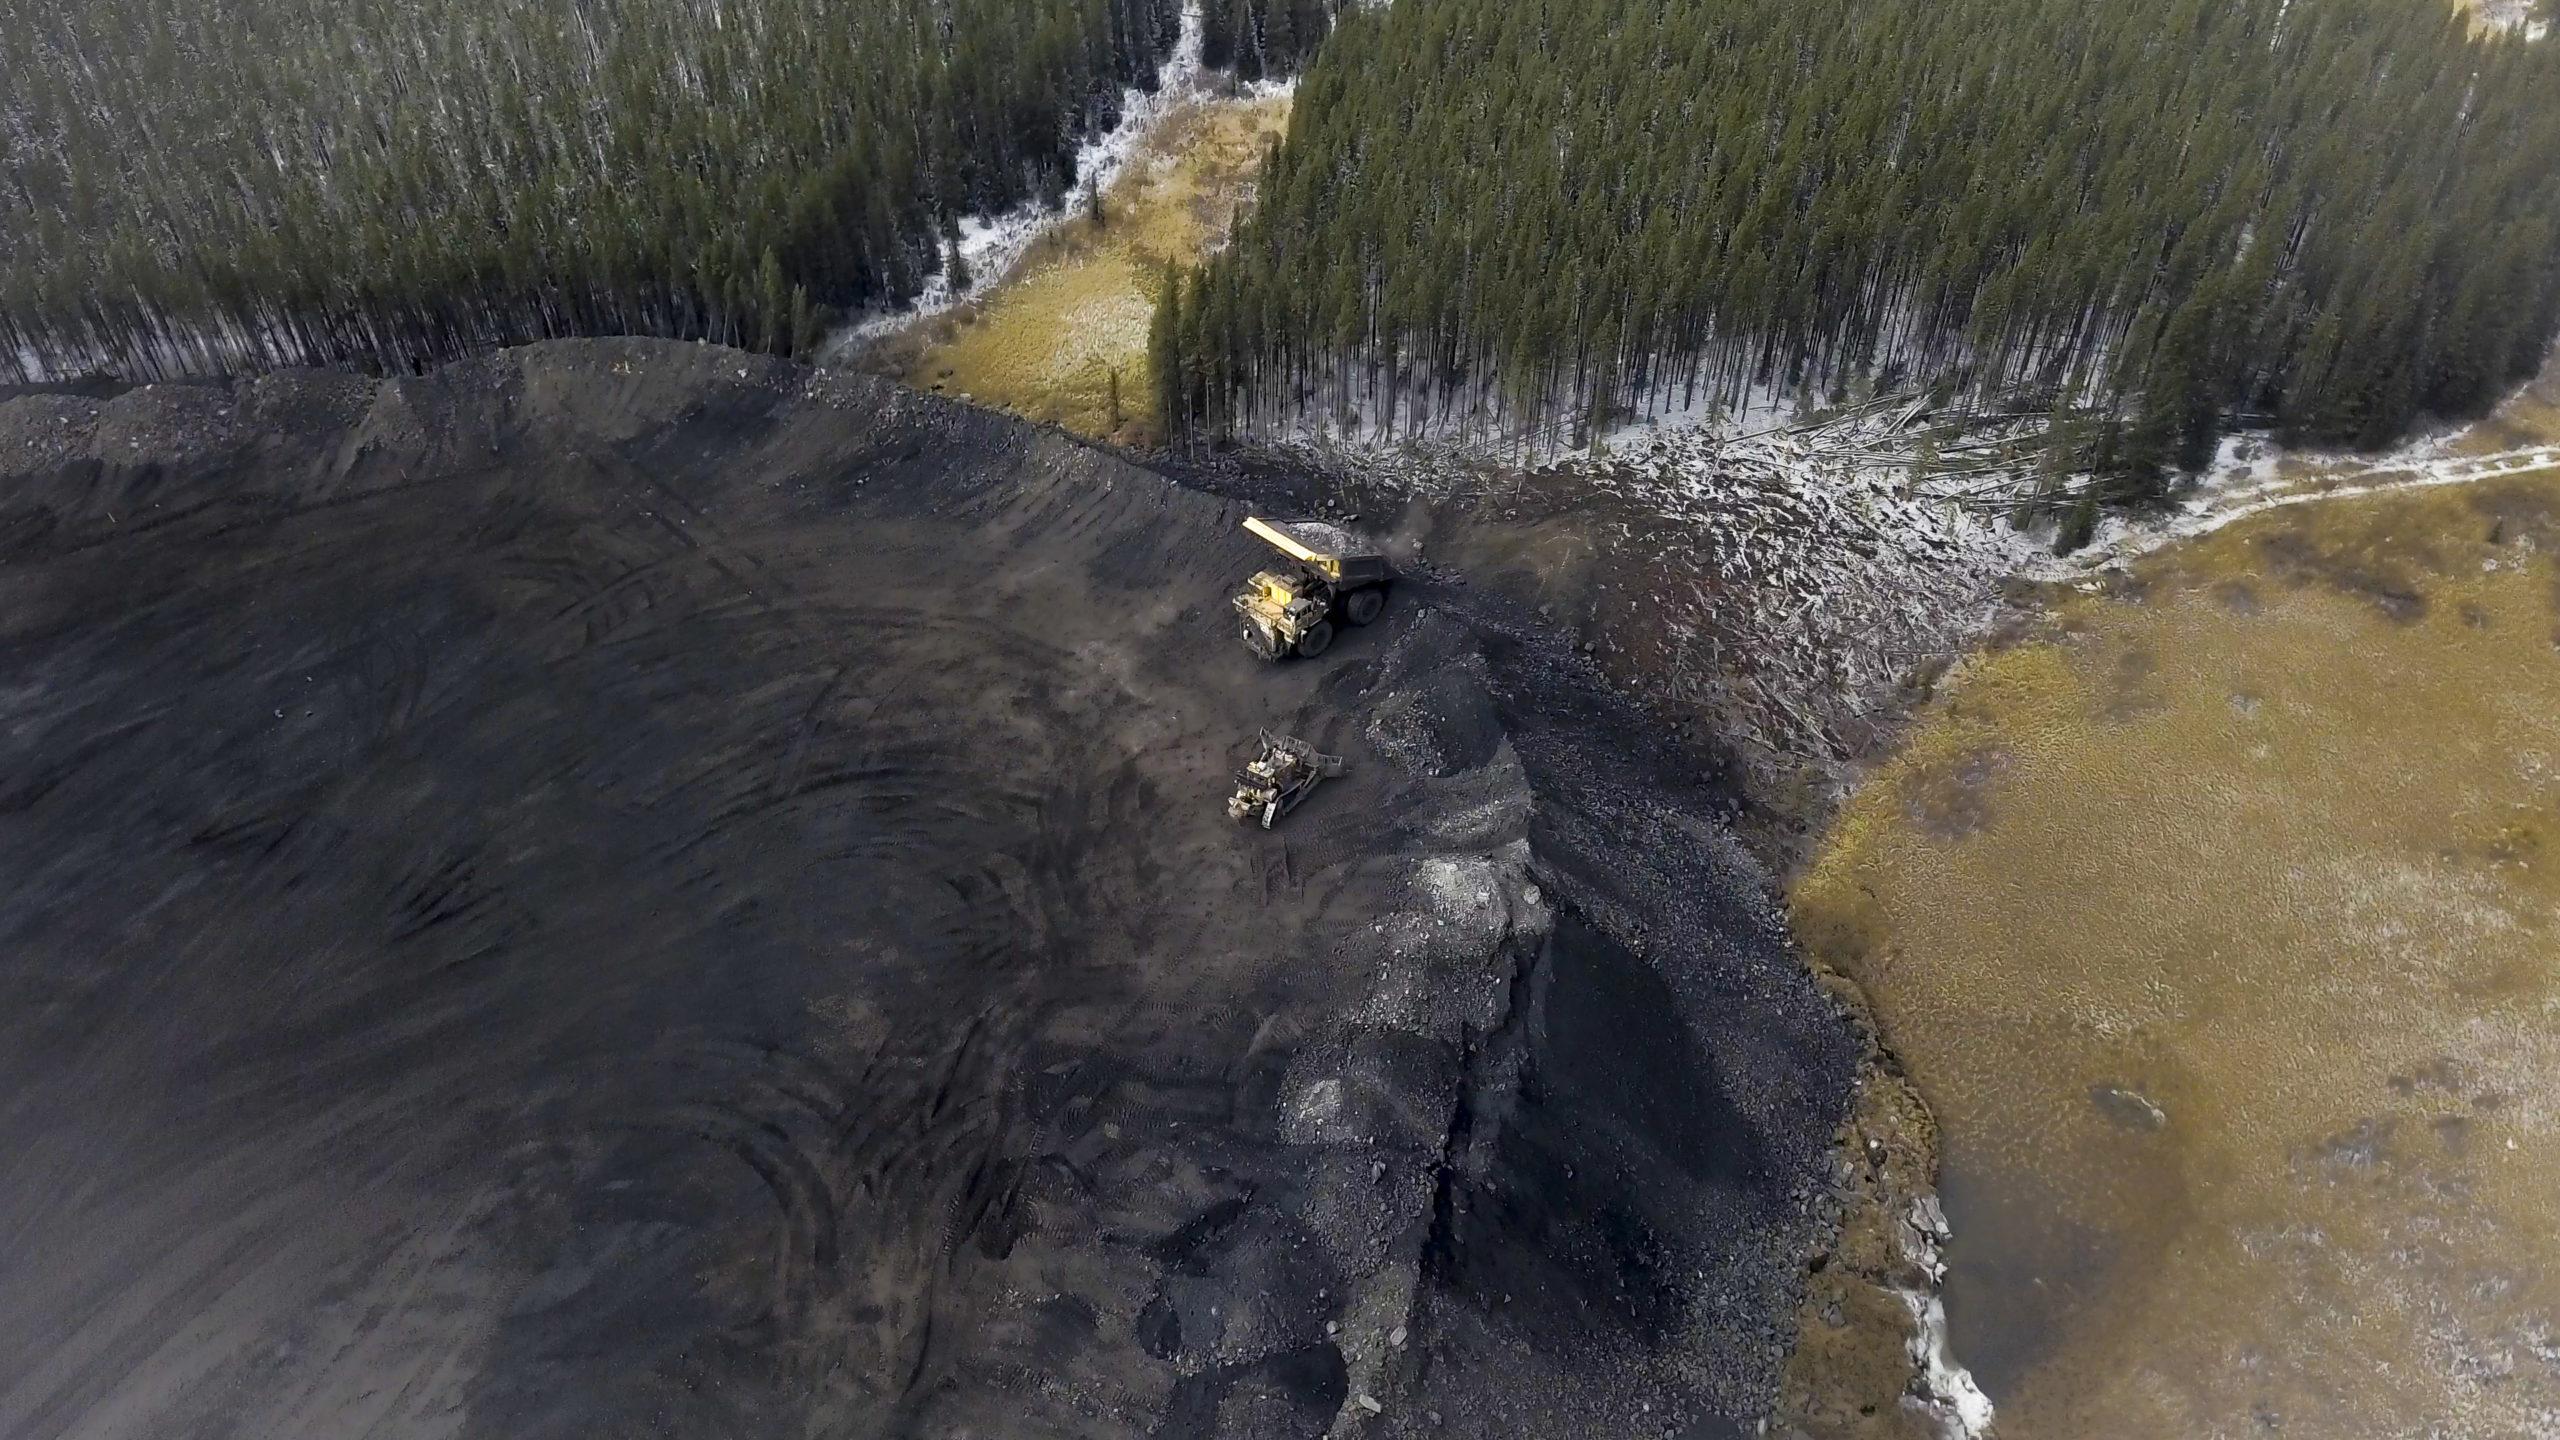 Teck Elk Valley mines waste rock